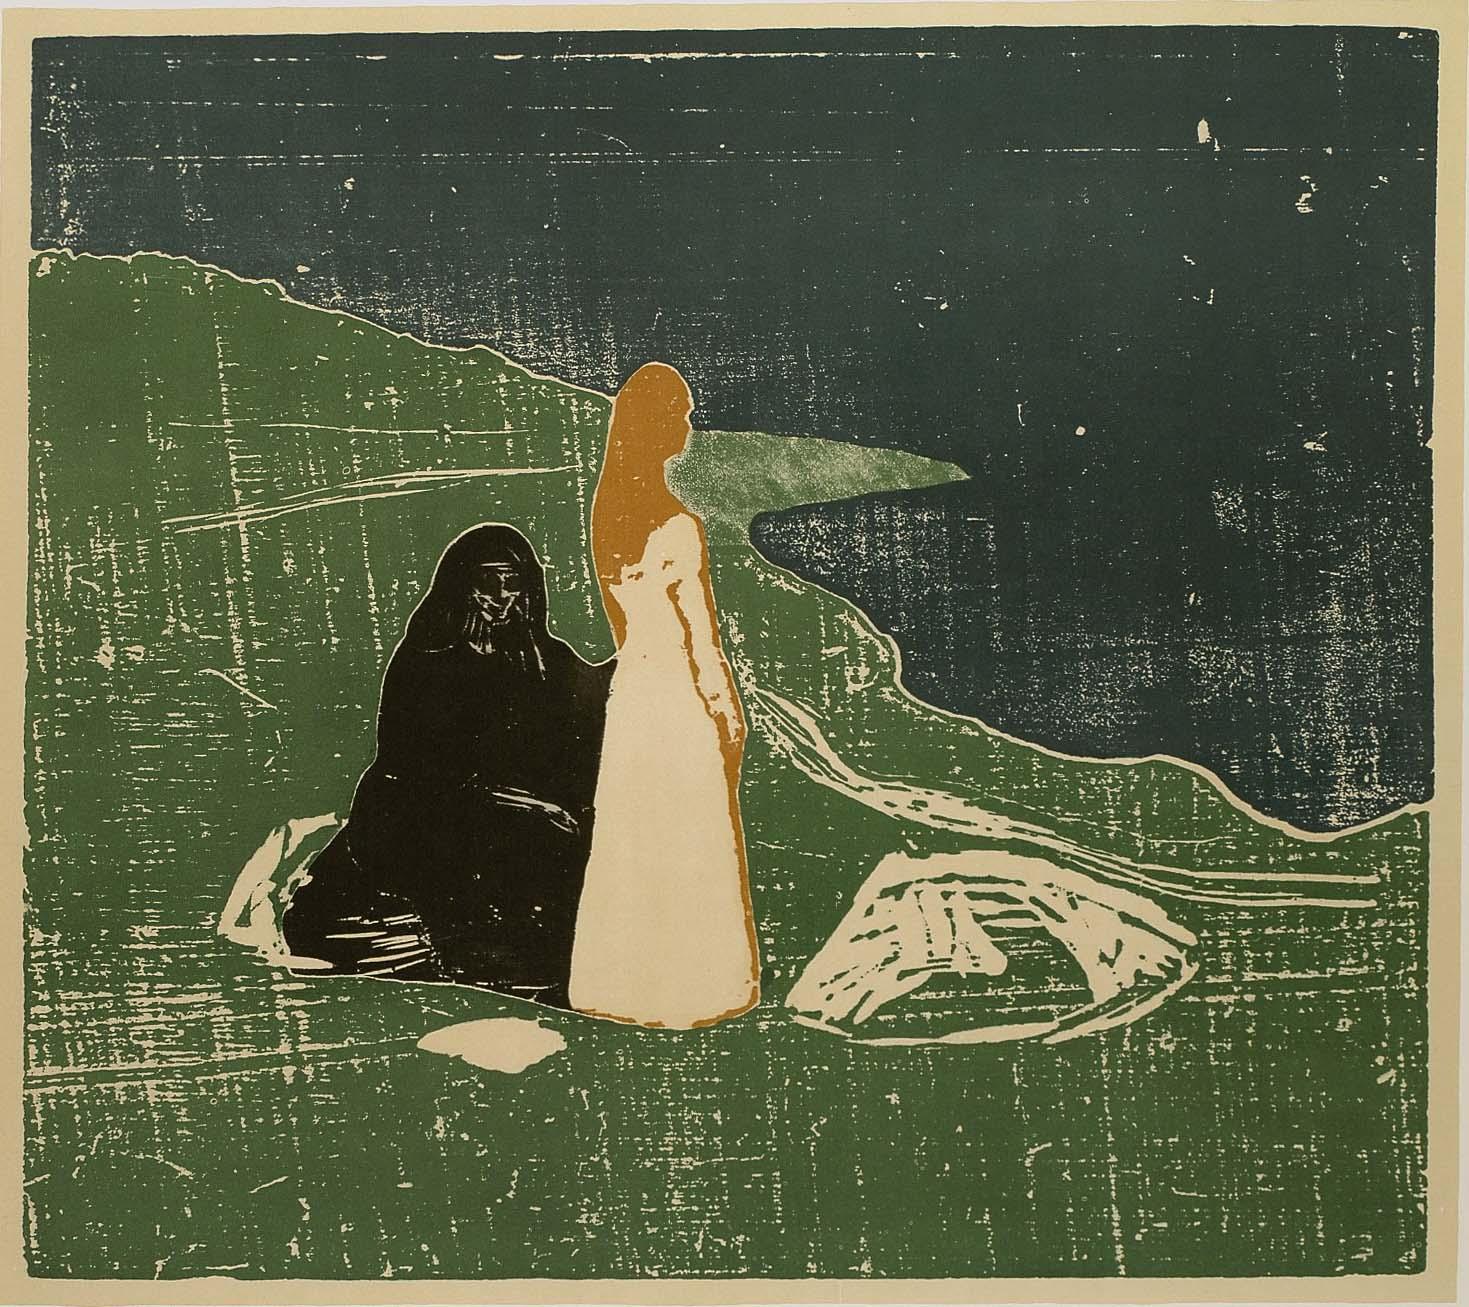 Edvard Munch / Edvard Munk  65-5019-1